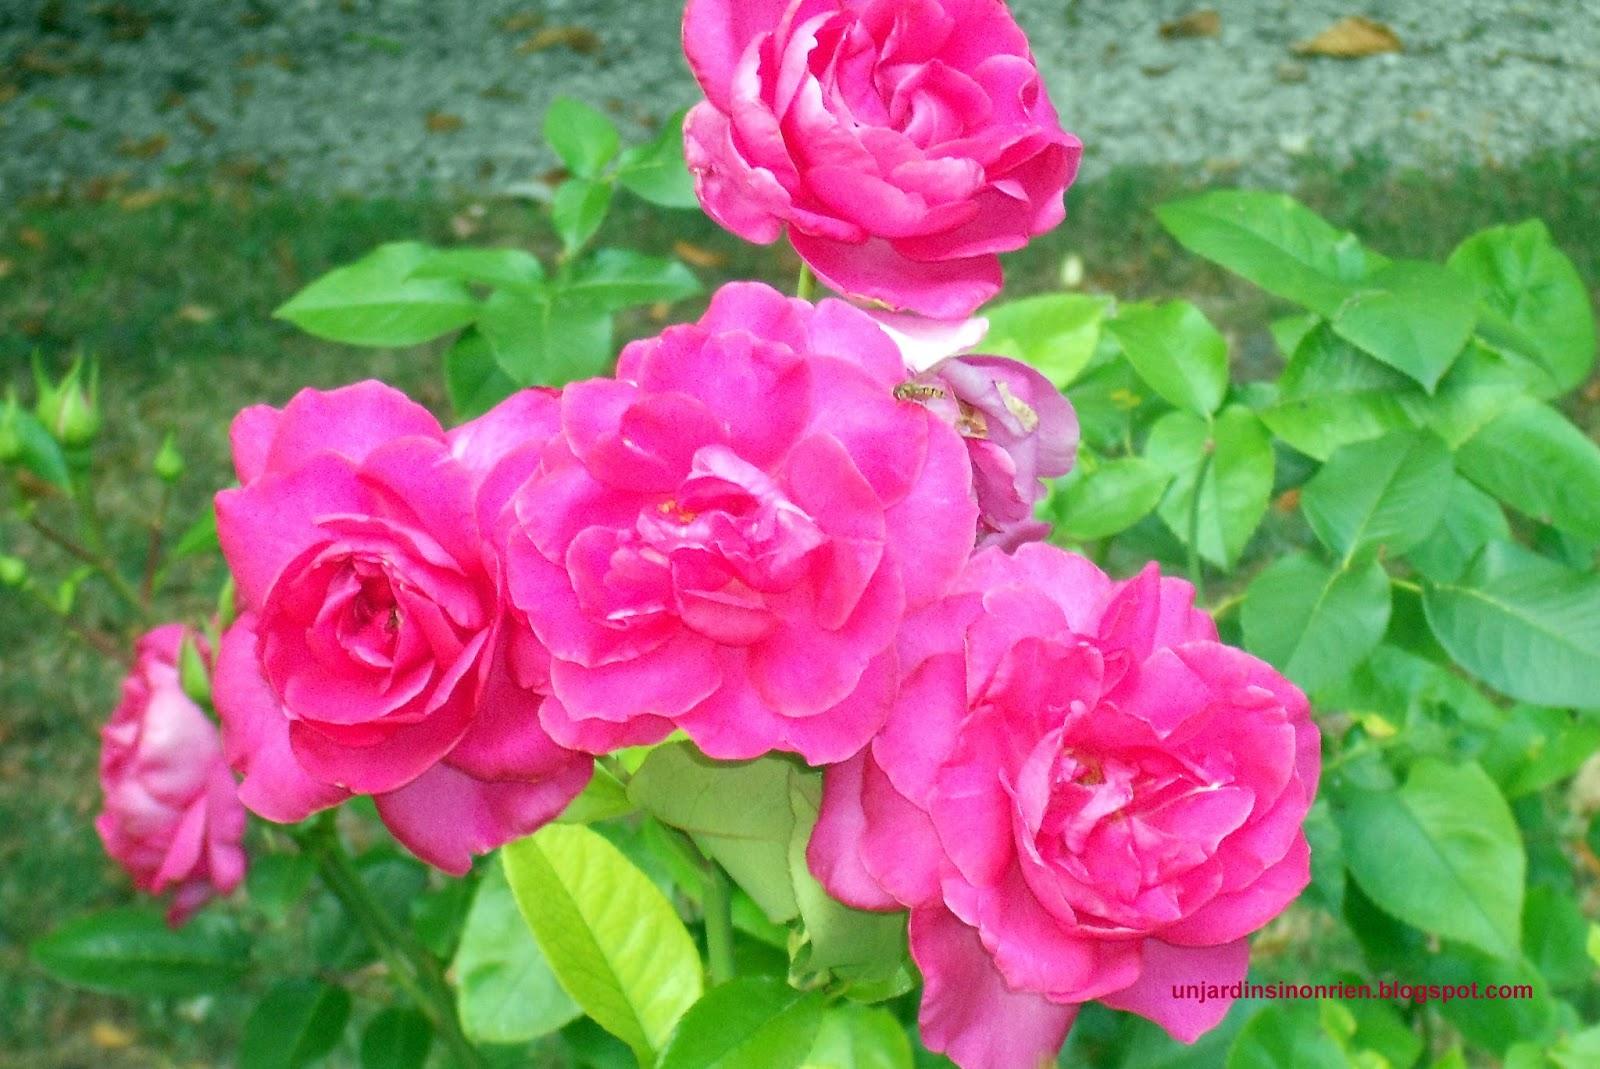 Rosier manou meilland - Couper les feuilles en fin de floraison ...